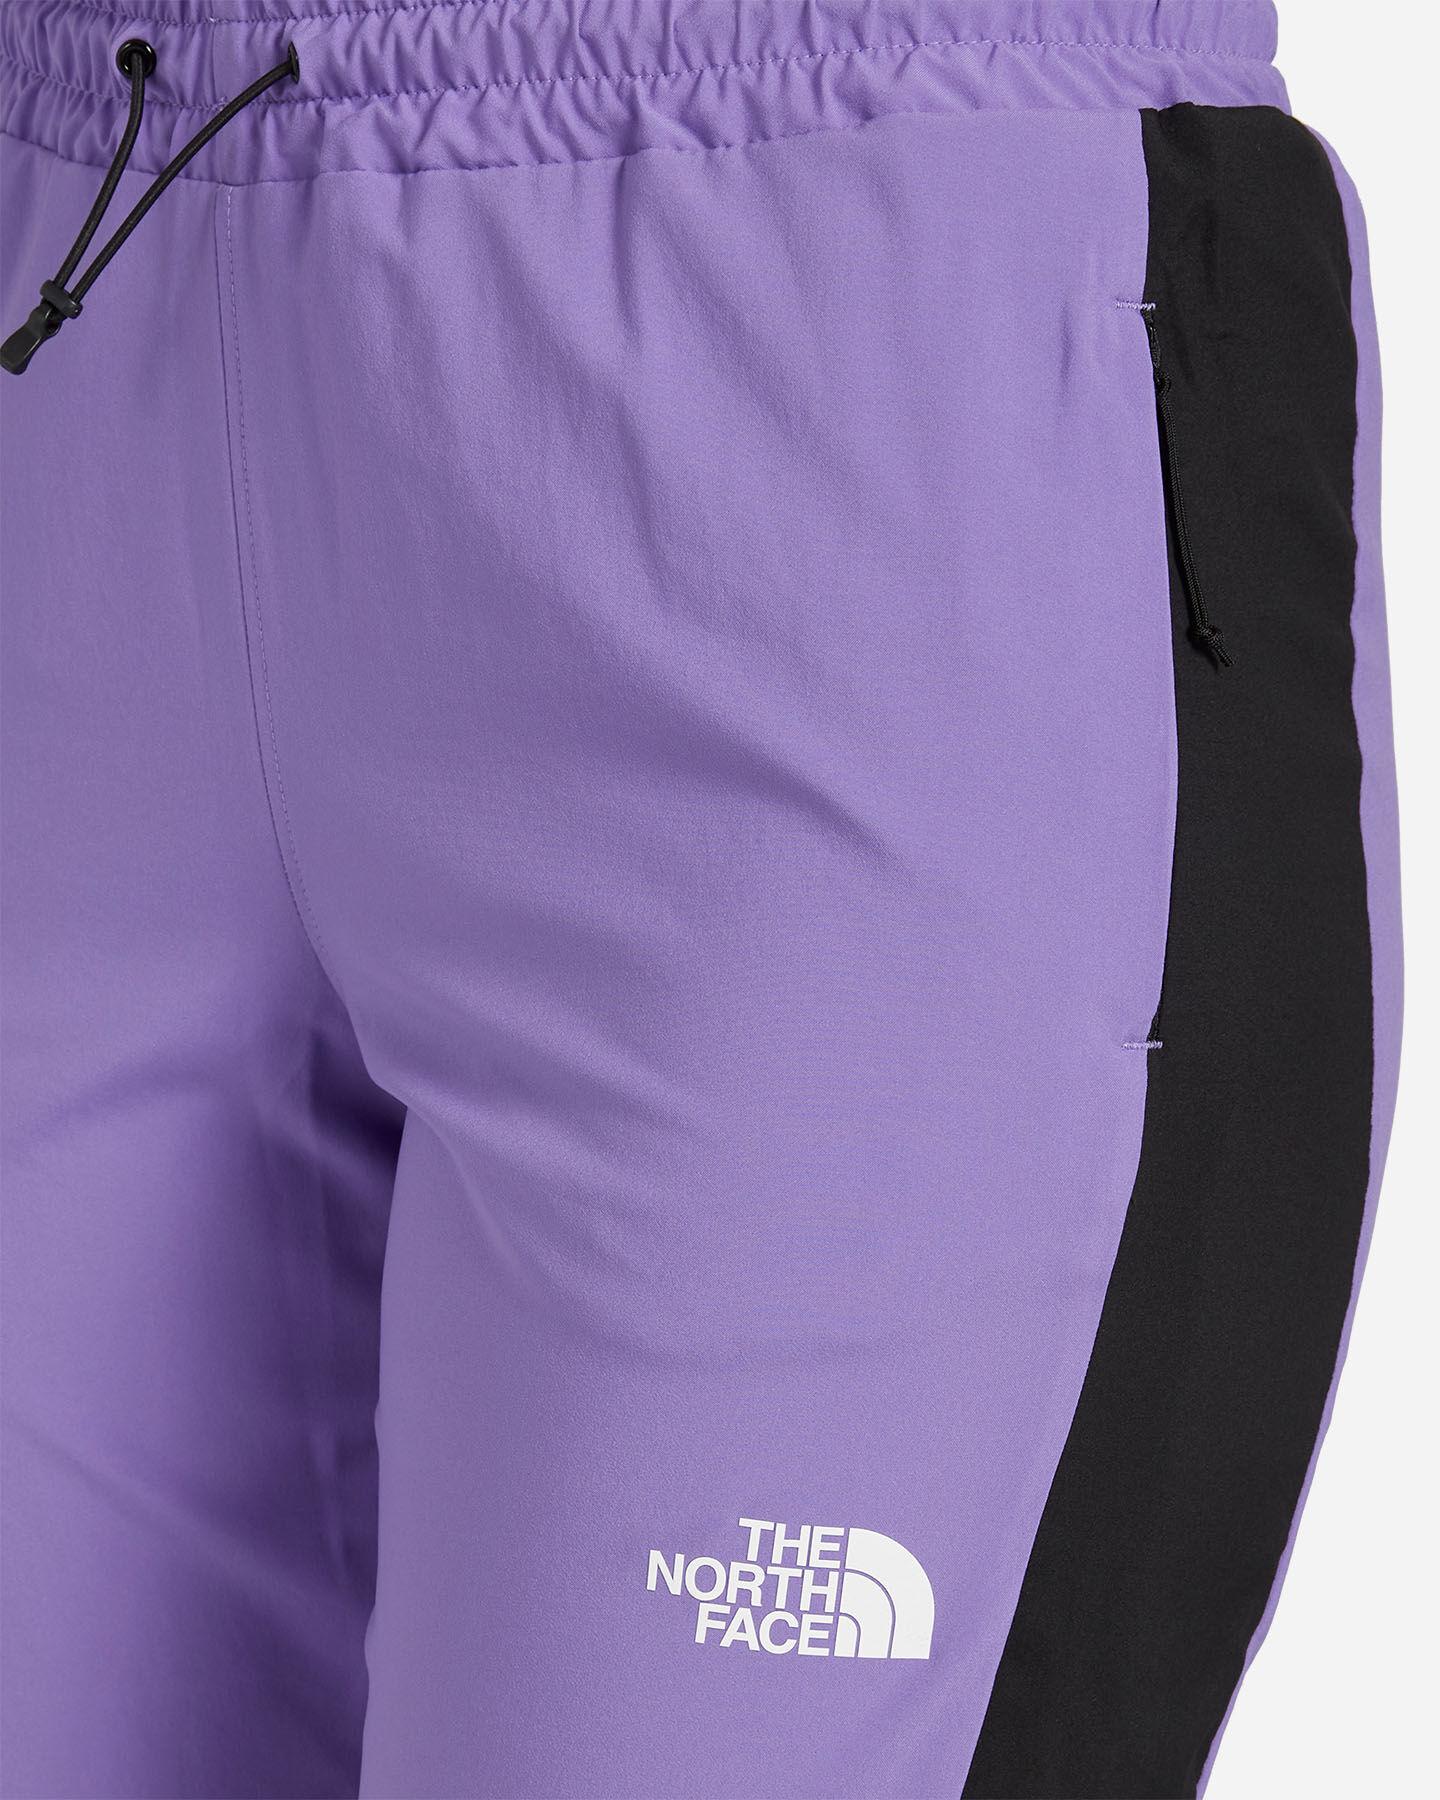 Pantalone THE NORTH FACE WOVEN W S5303340 scatto 3